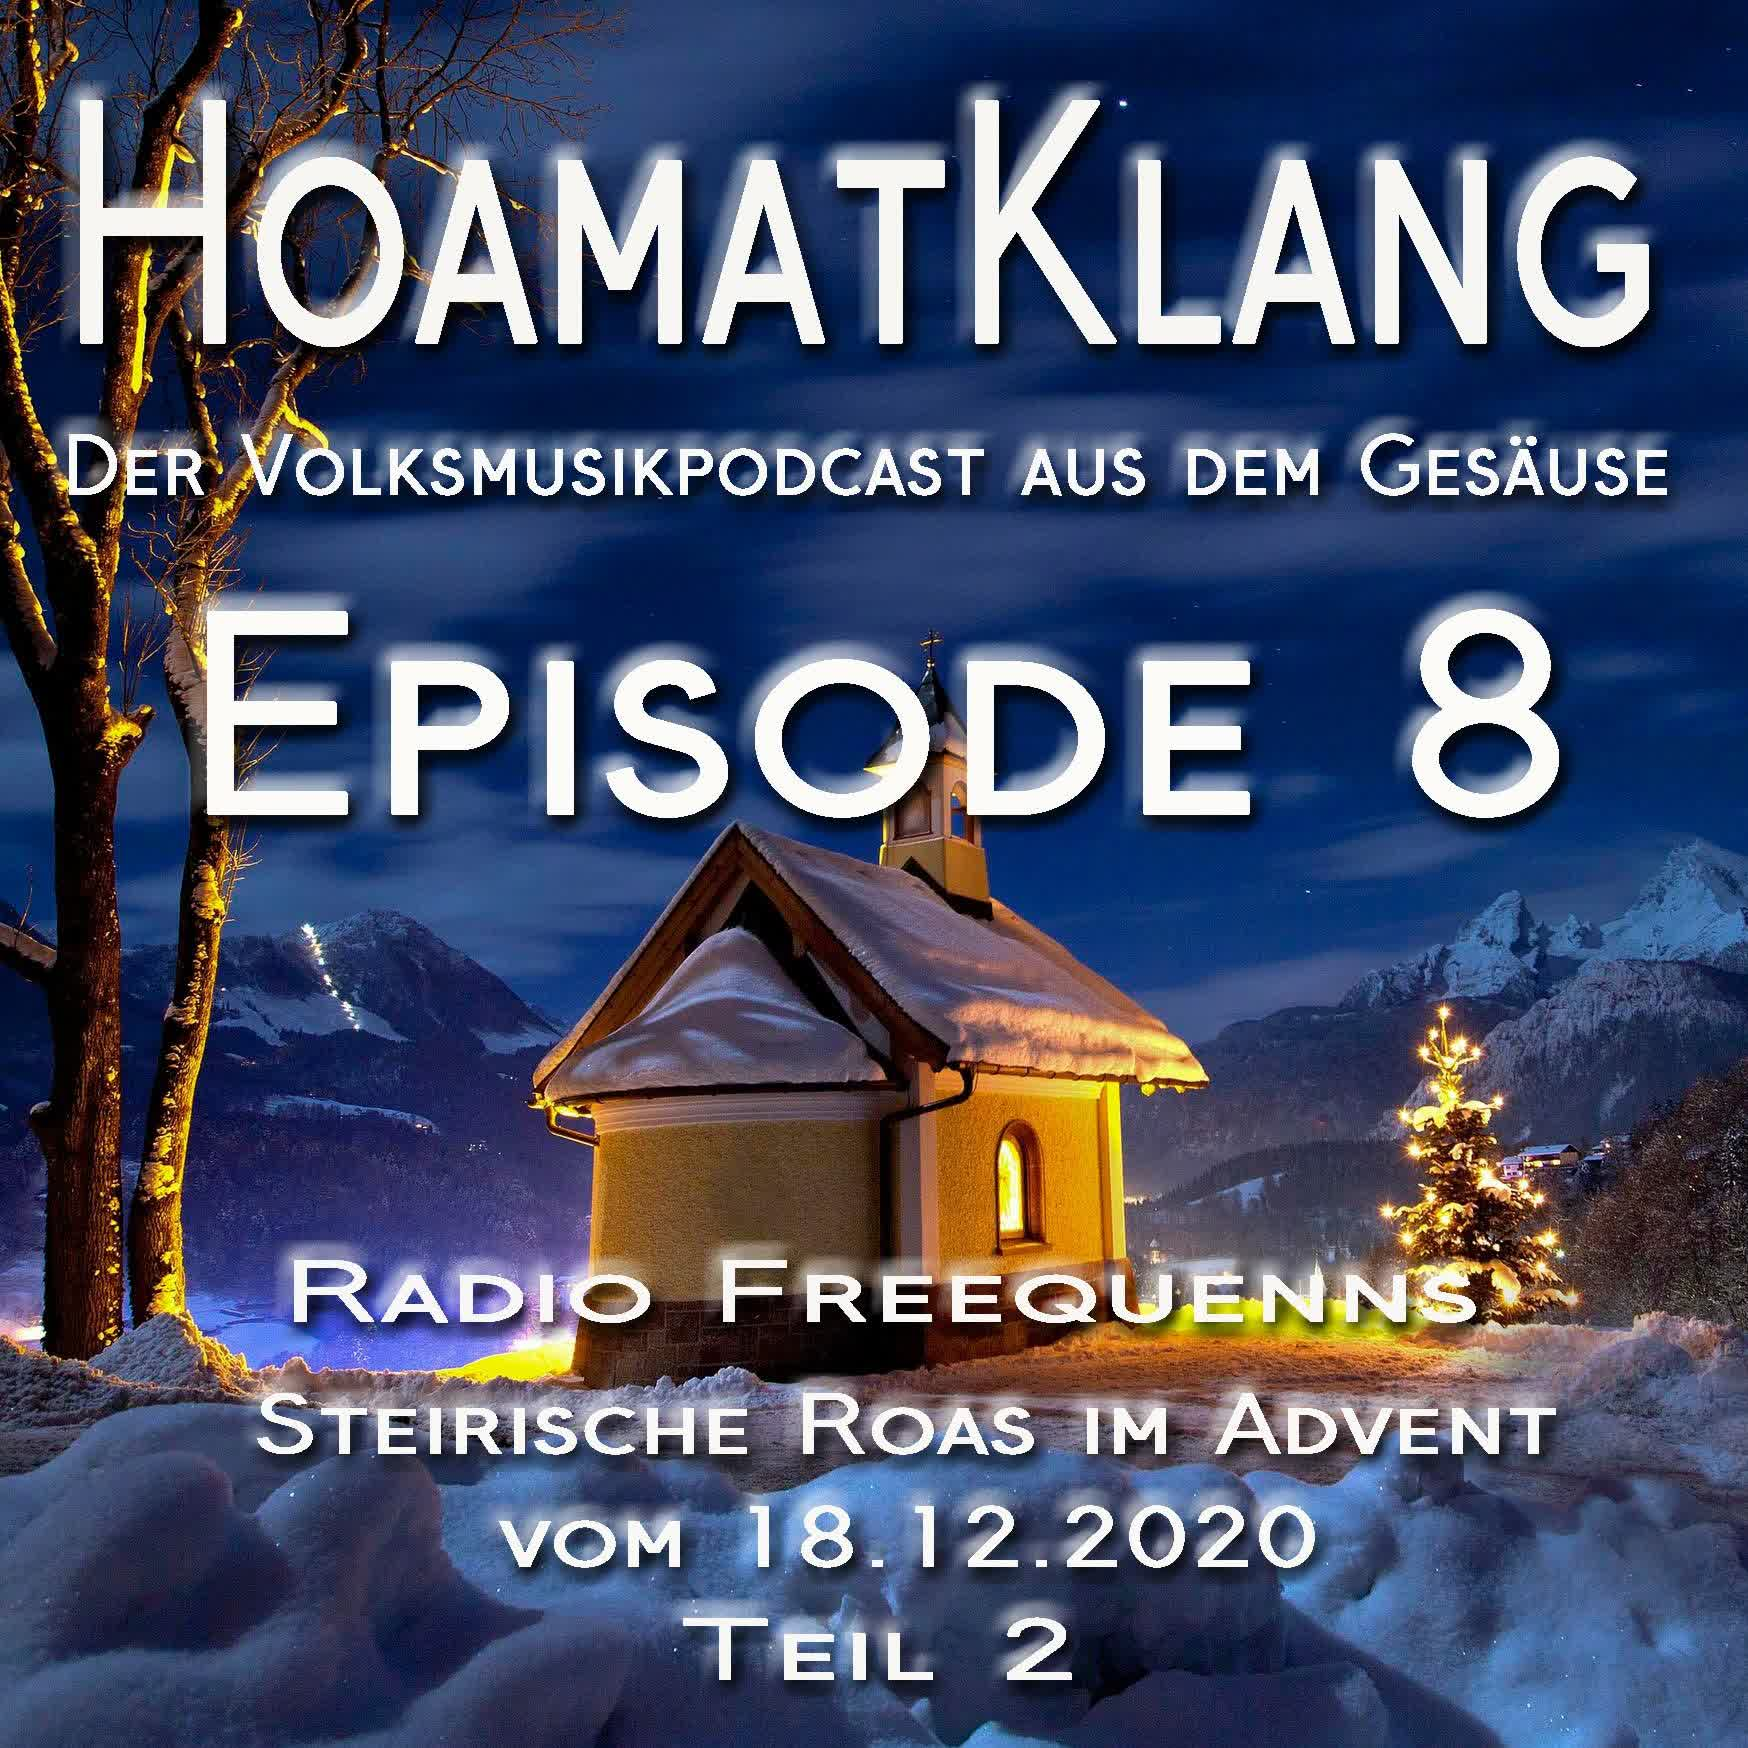 Hoamatklang_Episode_8_Steirische Roas im Advent vom 18.12.2020 Teil 2